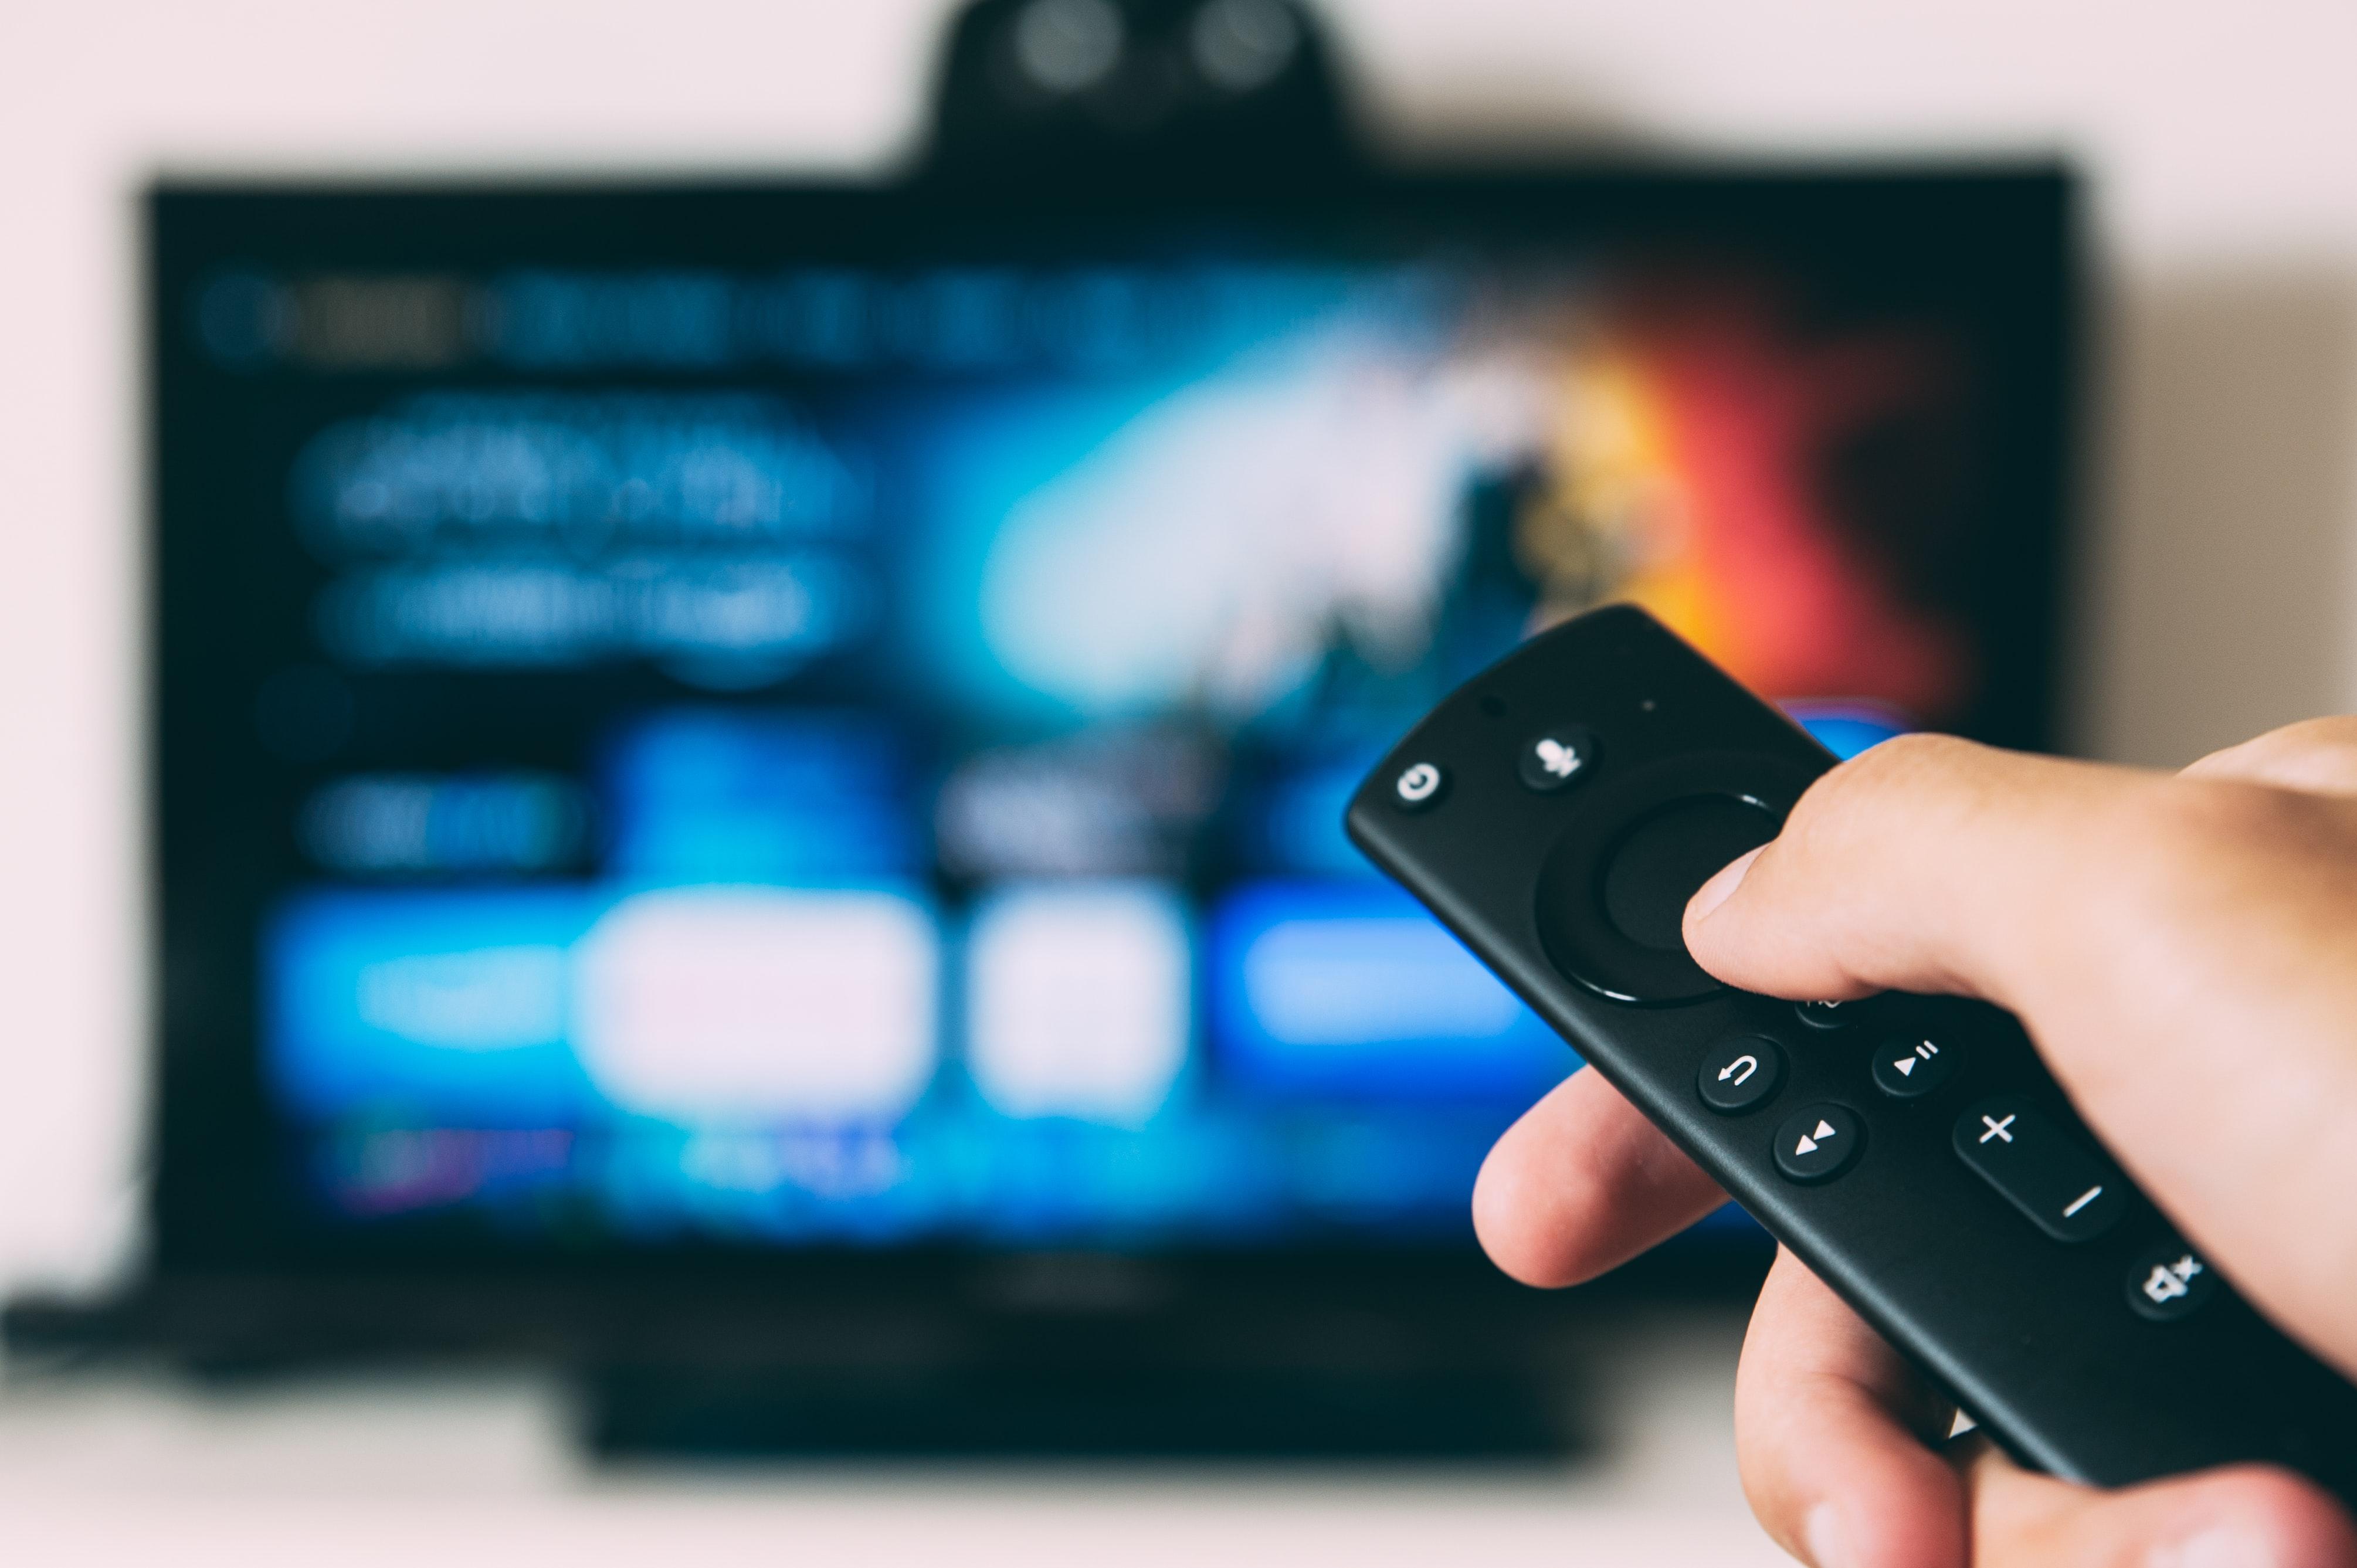 Netflix Settles 'Choose Your Own Adventure' Case, Faces 'Cuties' Lawsuit